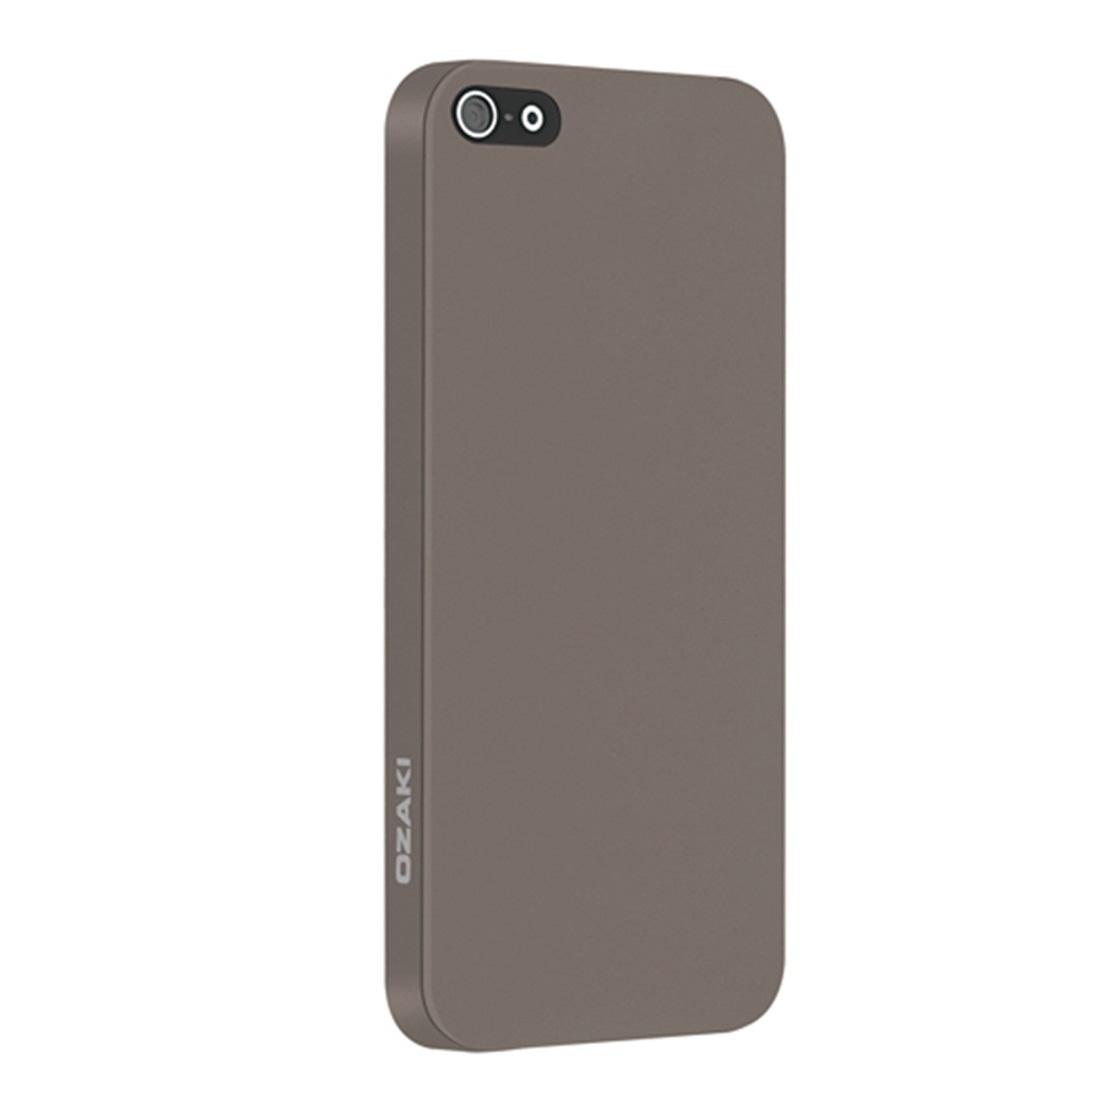 Ốp lưng điện thoại DĐ IPhone 5/5S Ozaki Solid (Ghi)